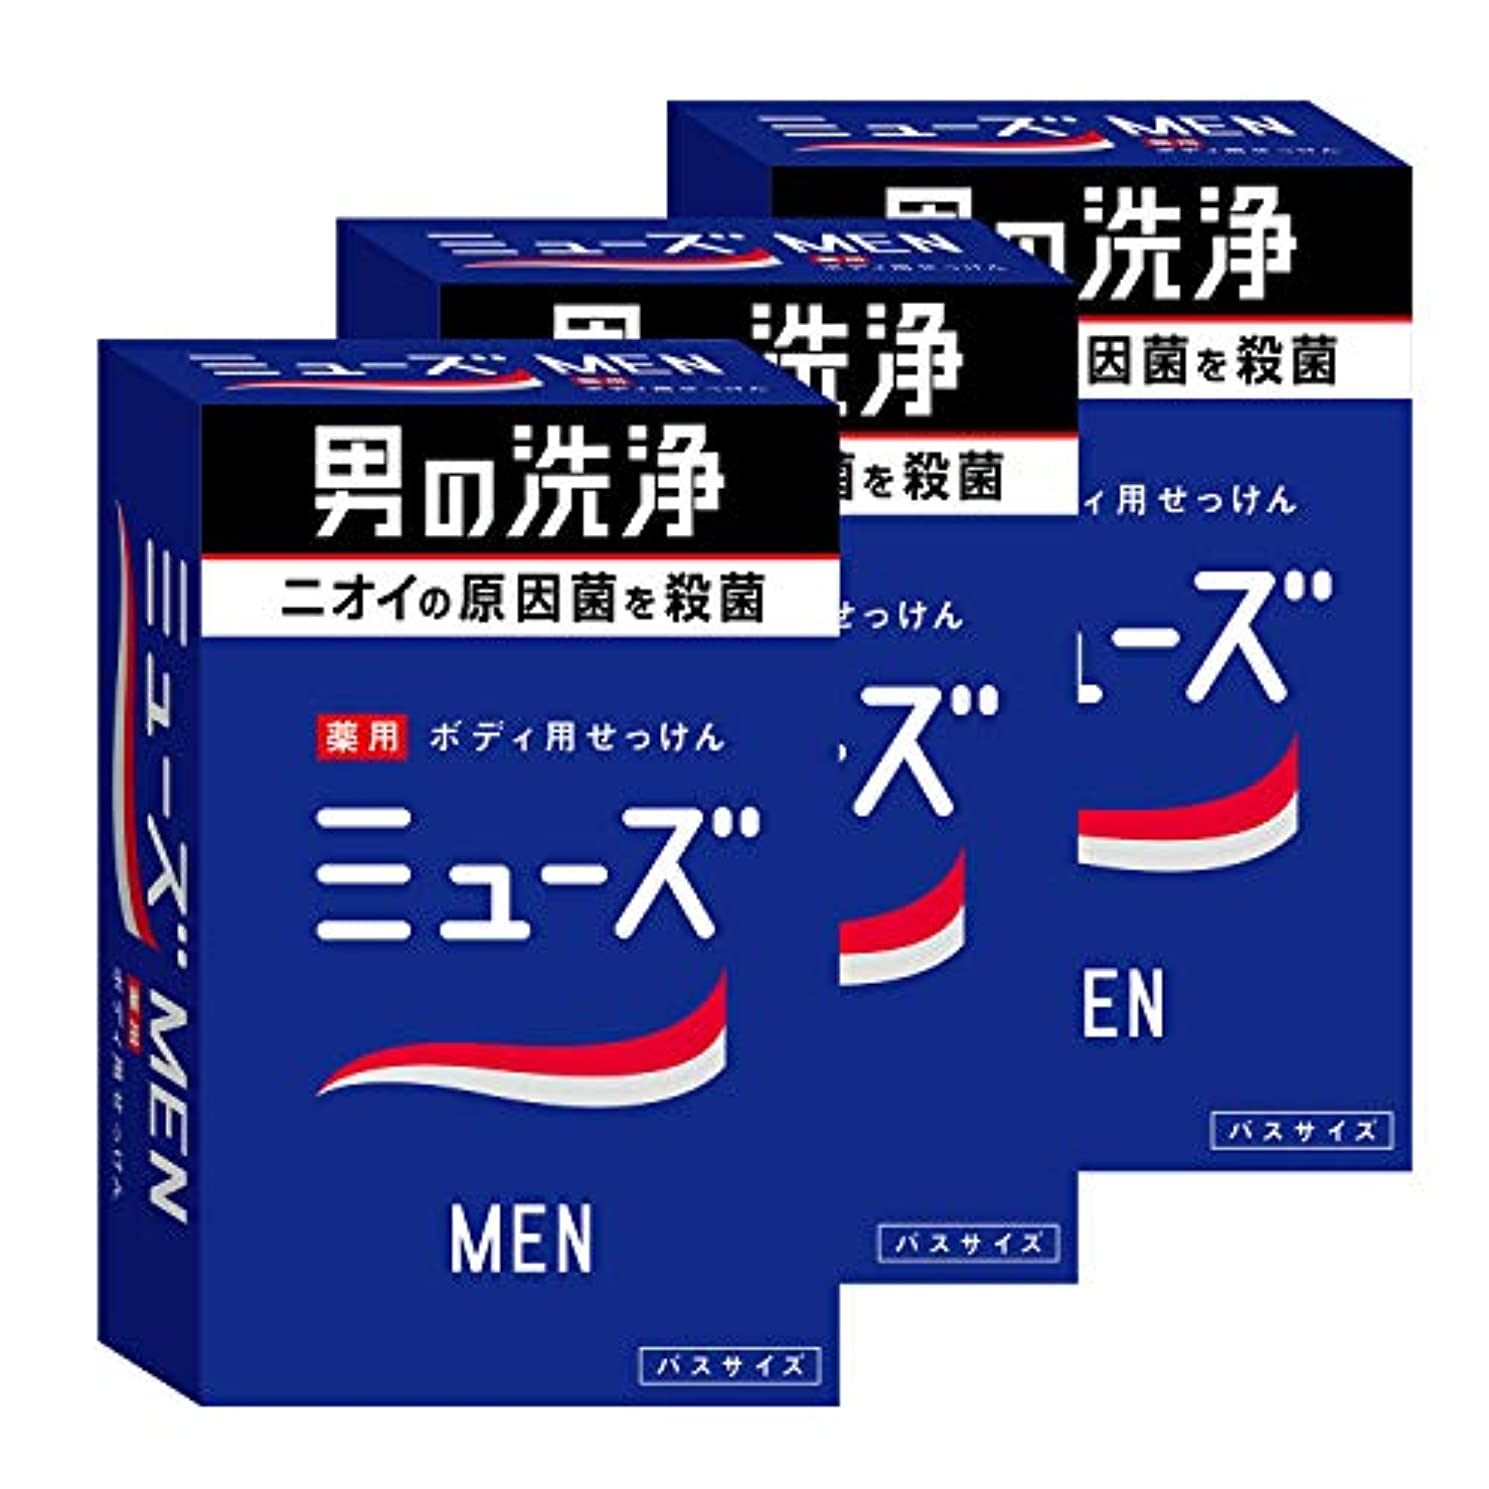 カールバリーチェスをする【医薬部外品】ミューズメン ボディ用 石鹸 135g ×3個 消臭